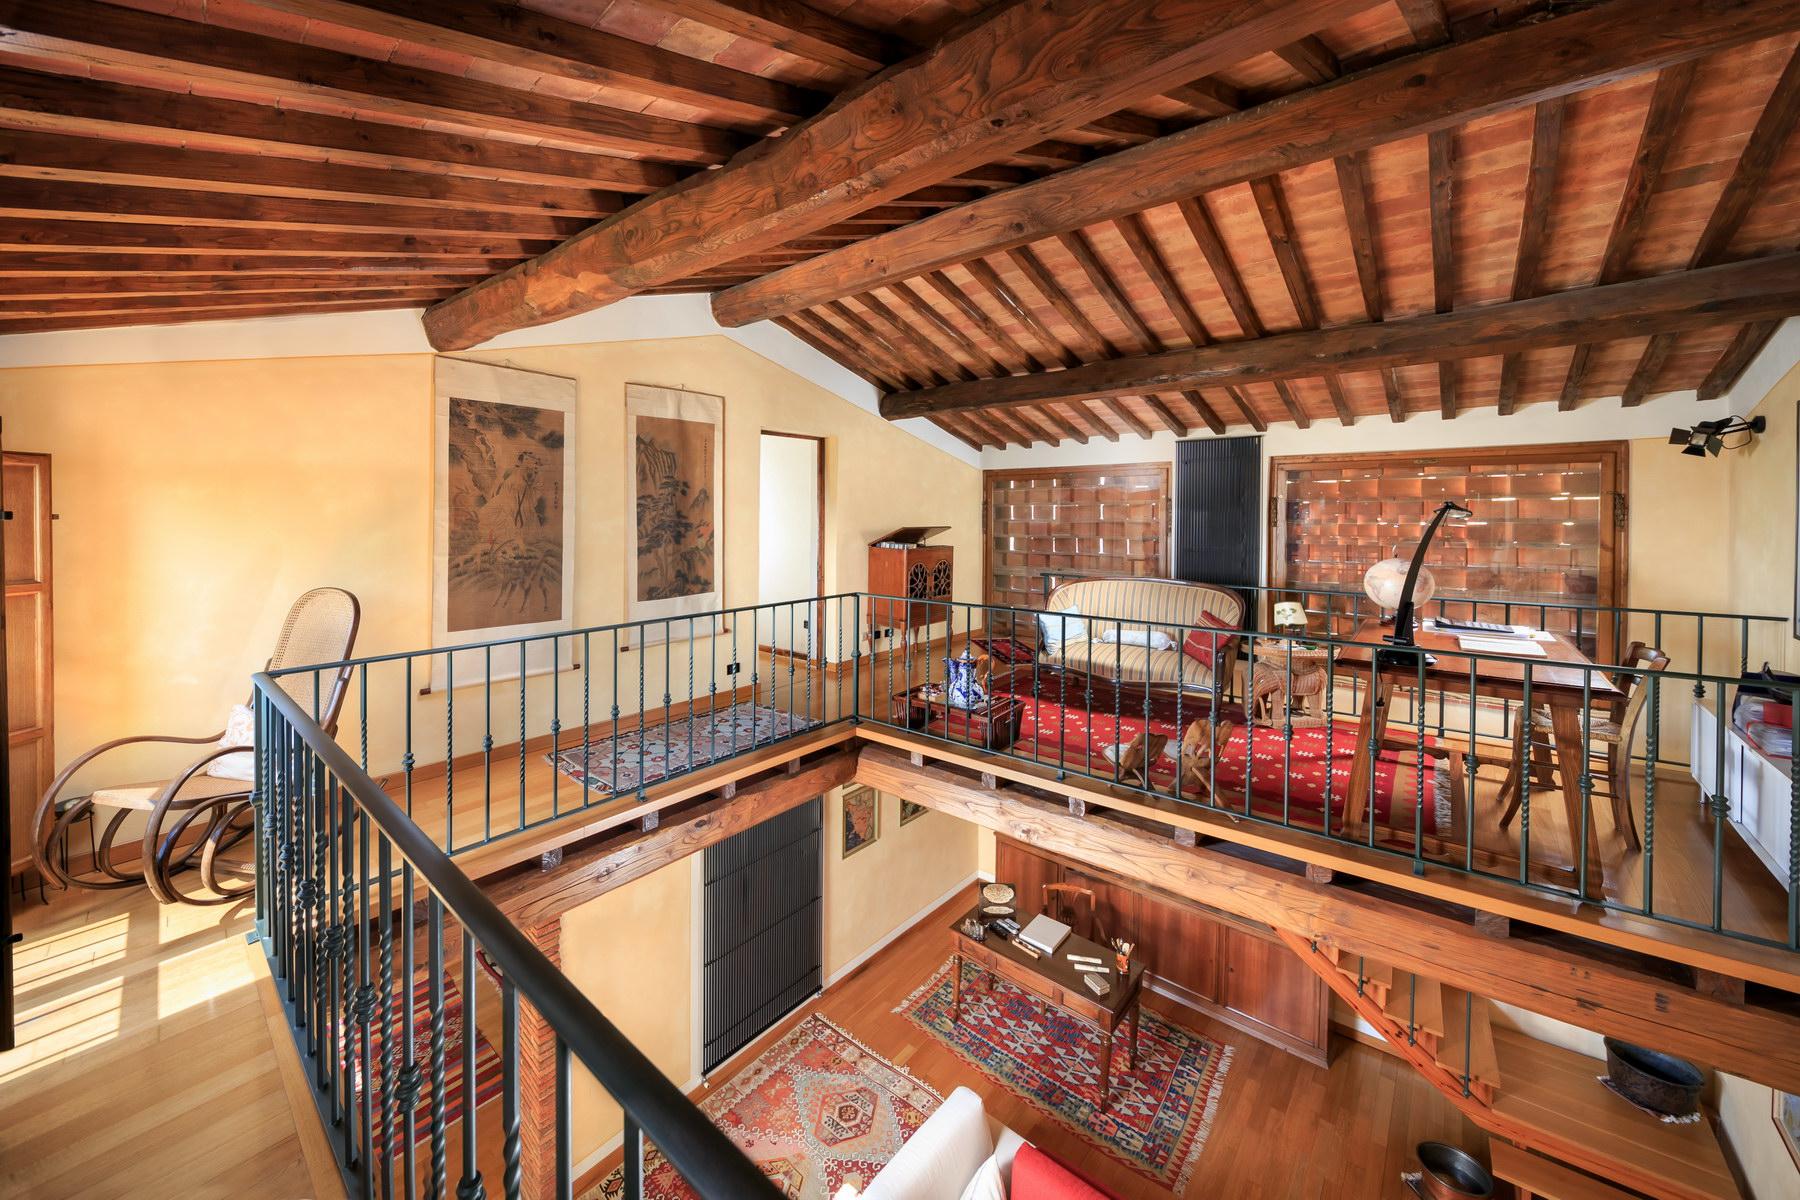 Rustico in Vendita a Capannori: 5 locali, 510 mq - Foto 2